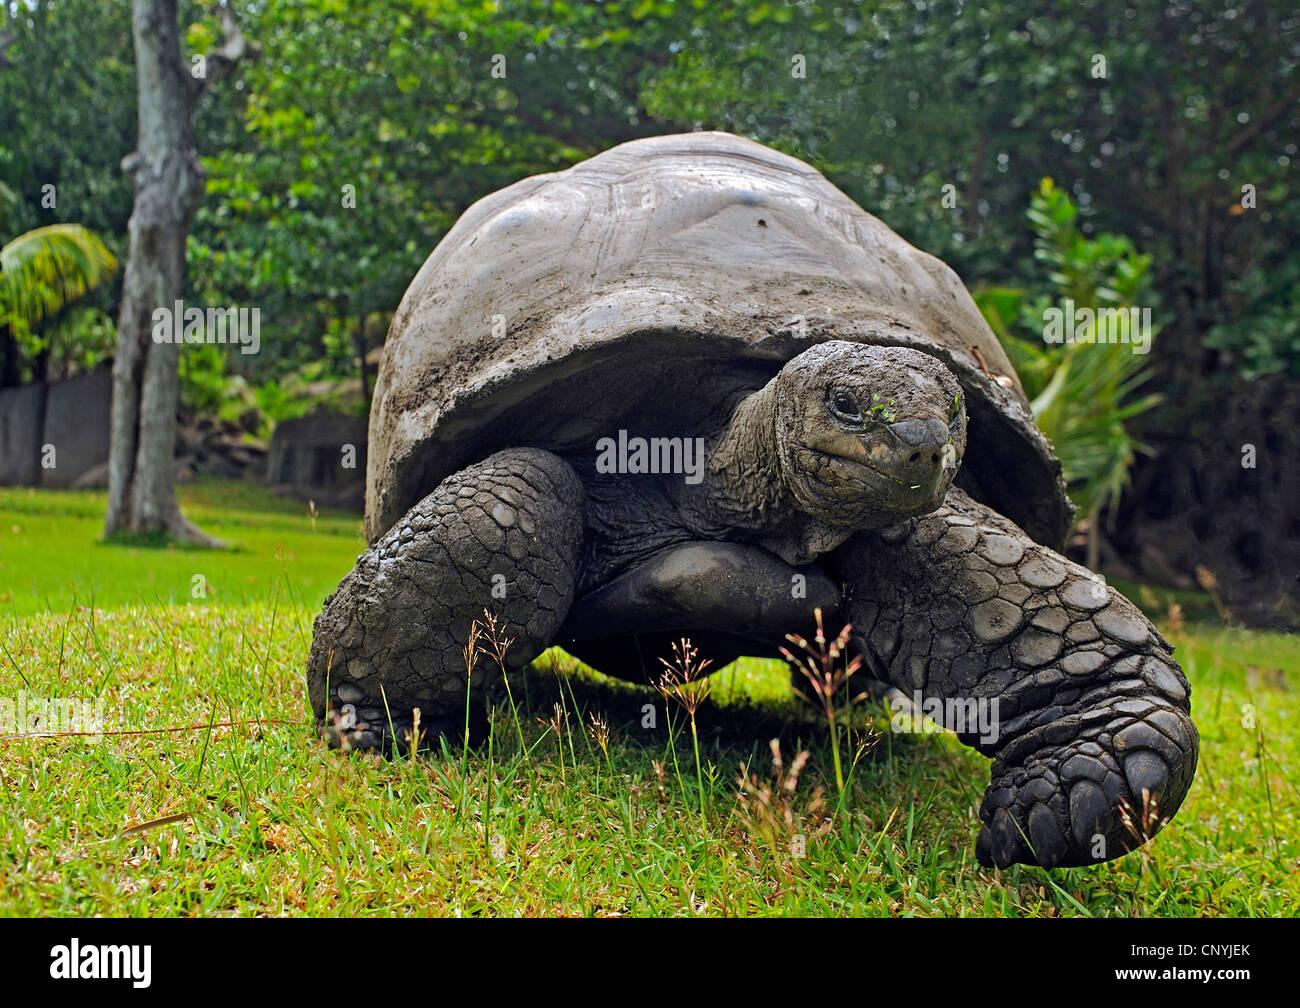 Tortue géante des Seychelles, Aldabran tortues géantes d'Aldabra, tortue géante (Aldabrachelys gigantea, Testudo gigantea, Geochelone gigantea, Megalochelys gigantea), marcher dans un pré, les Seychelles, La Digue Banque D'Images